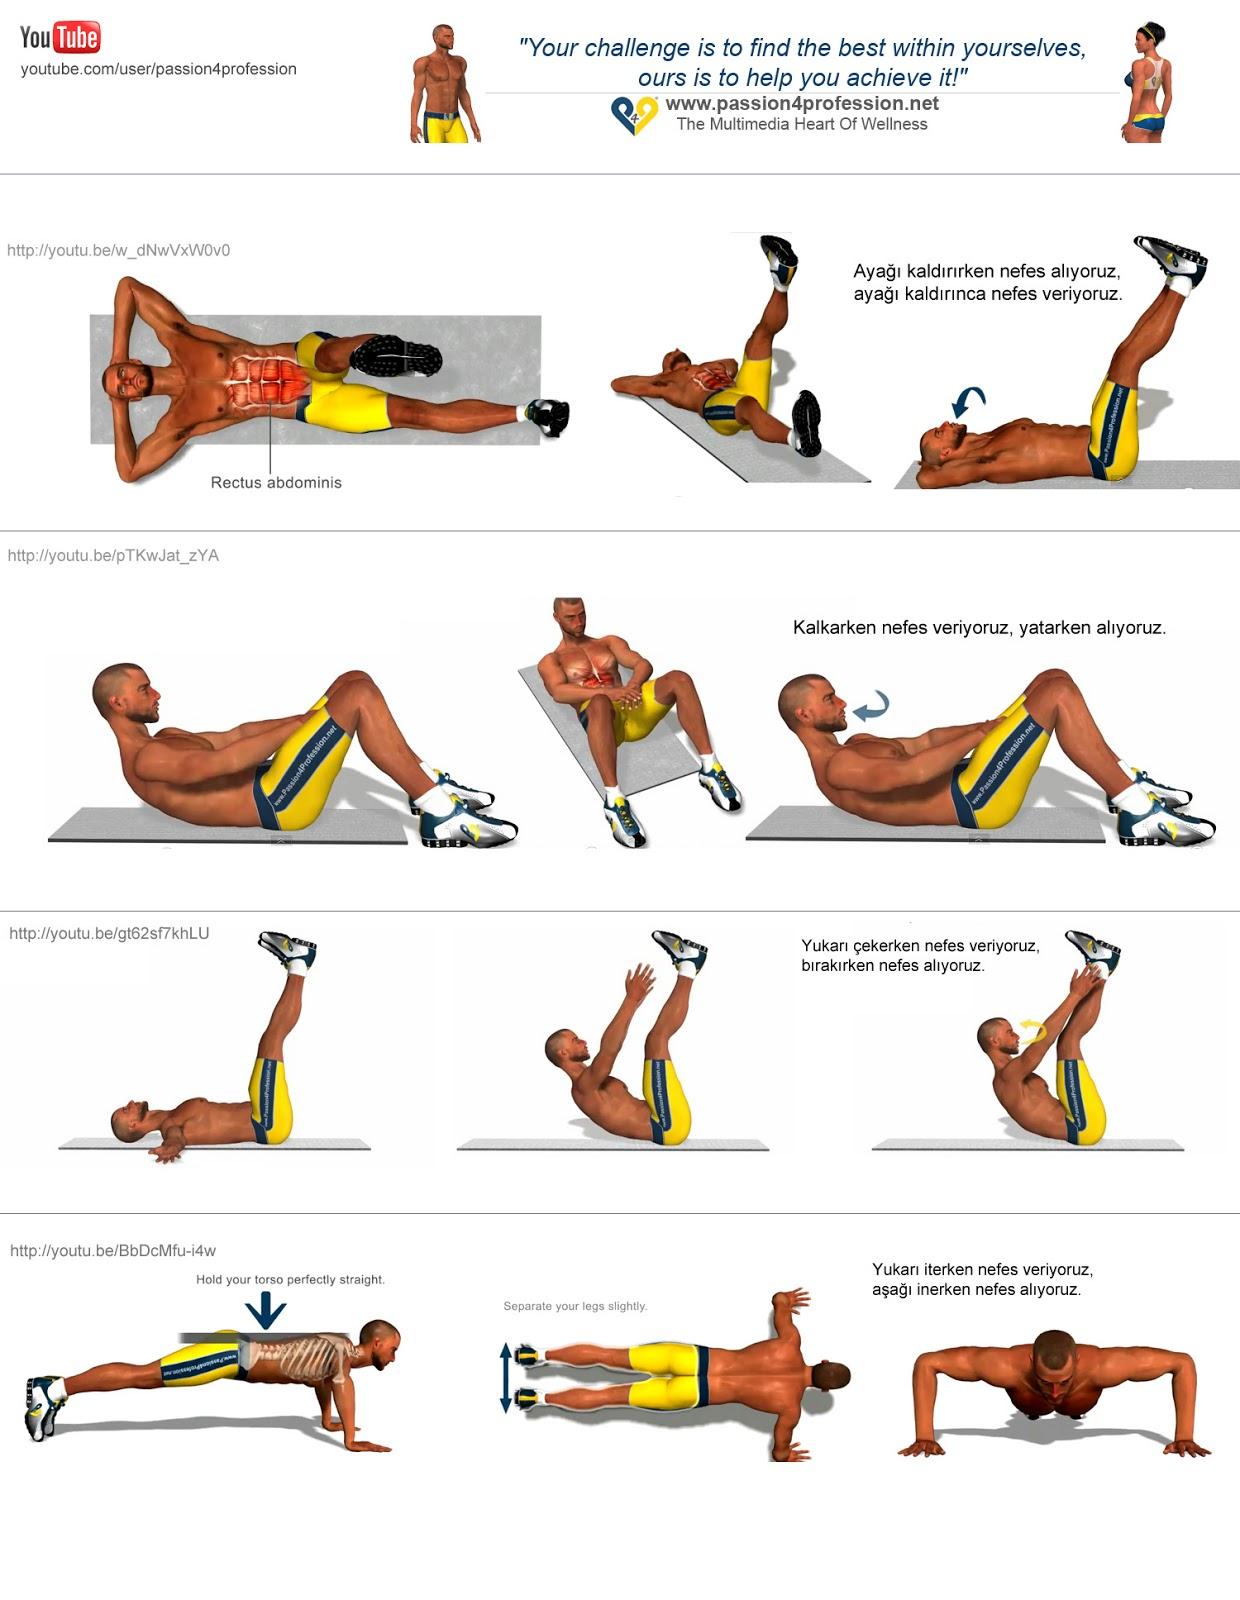 Erkek Gunluk Spor Hareketleri Gelinlik Modelleri